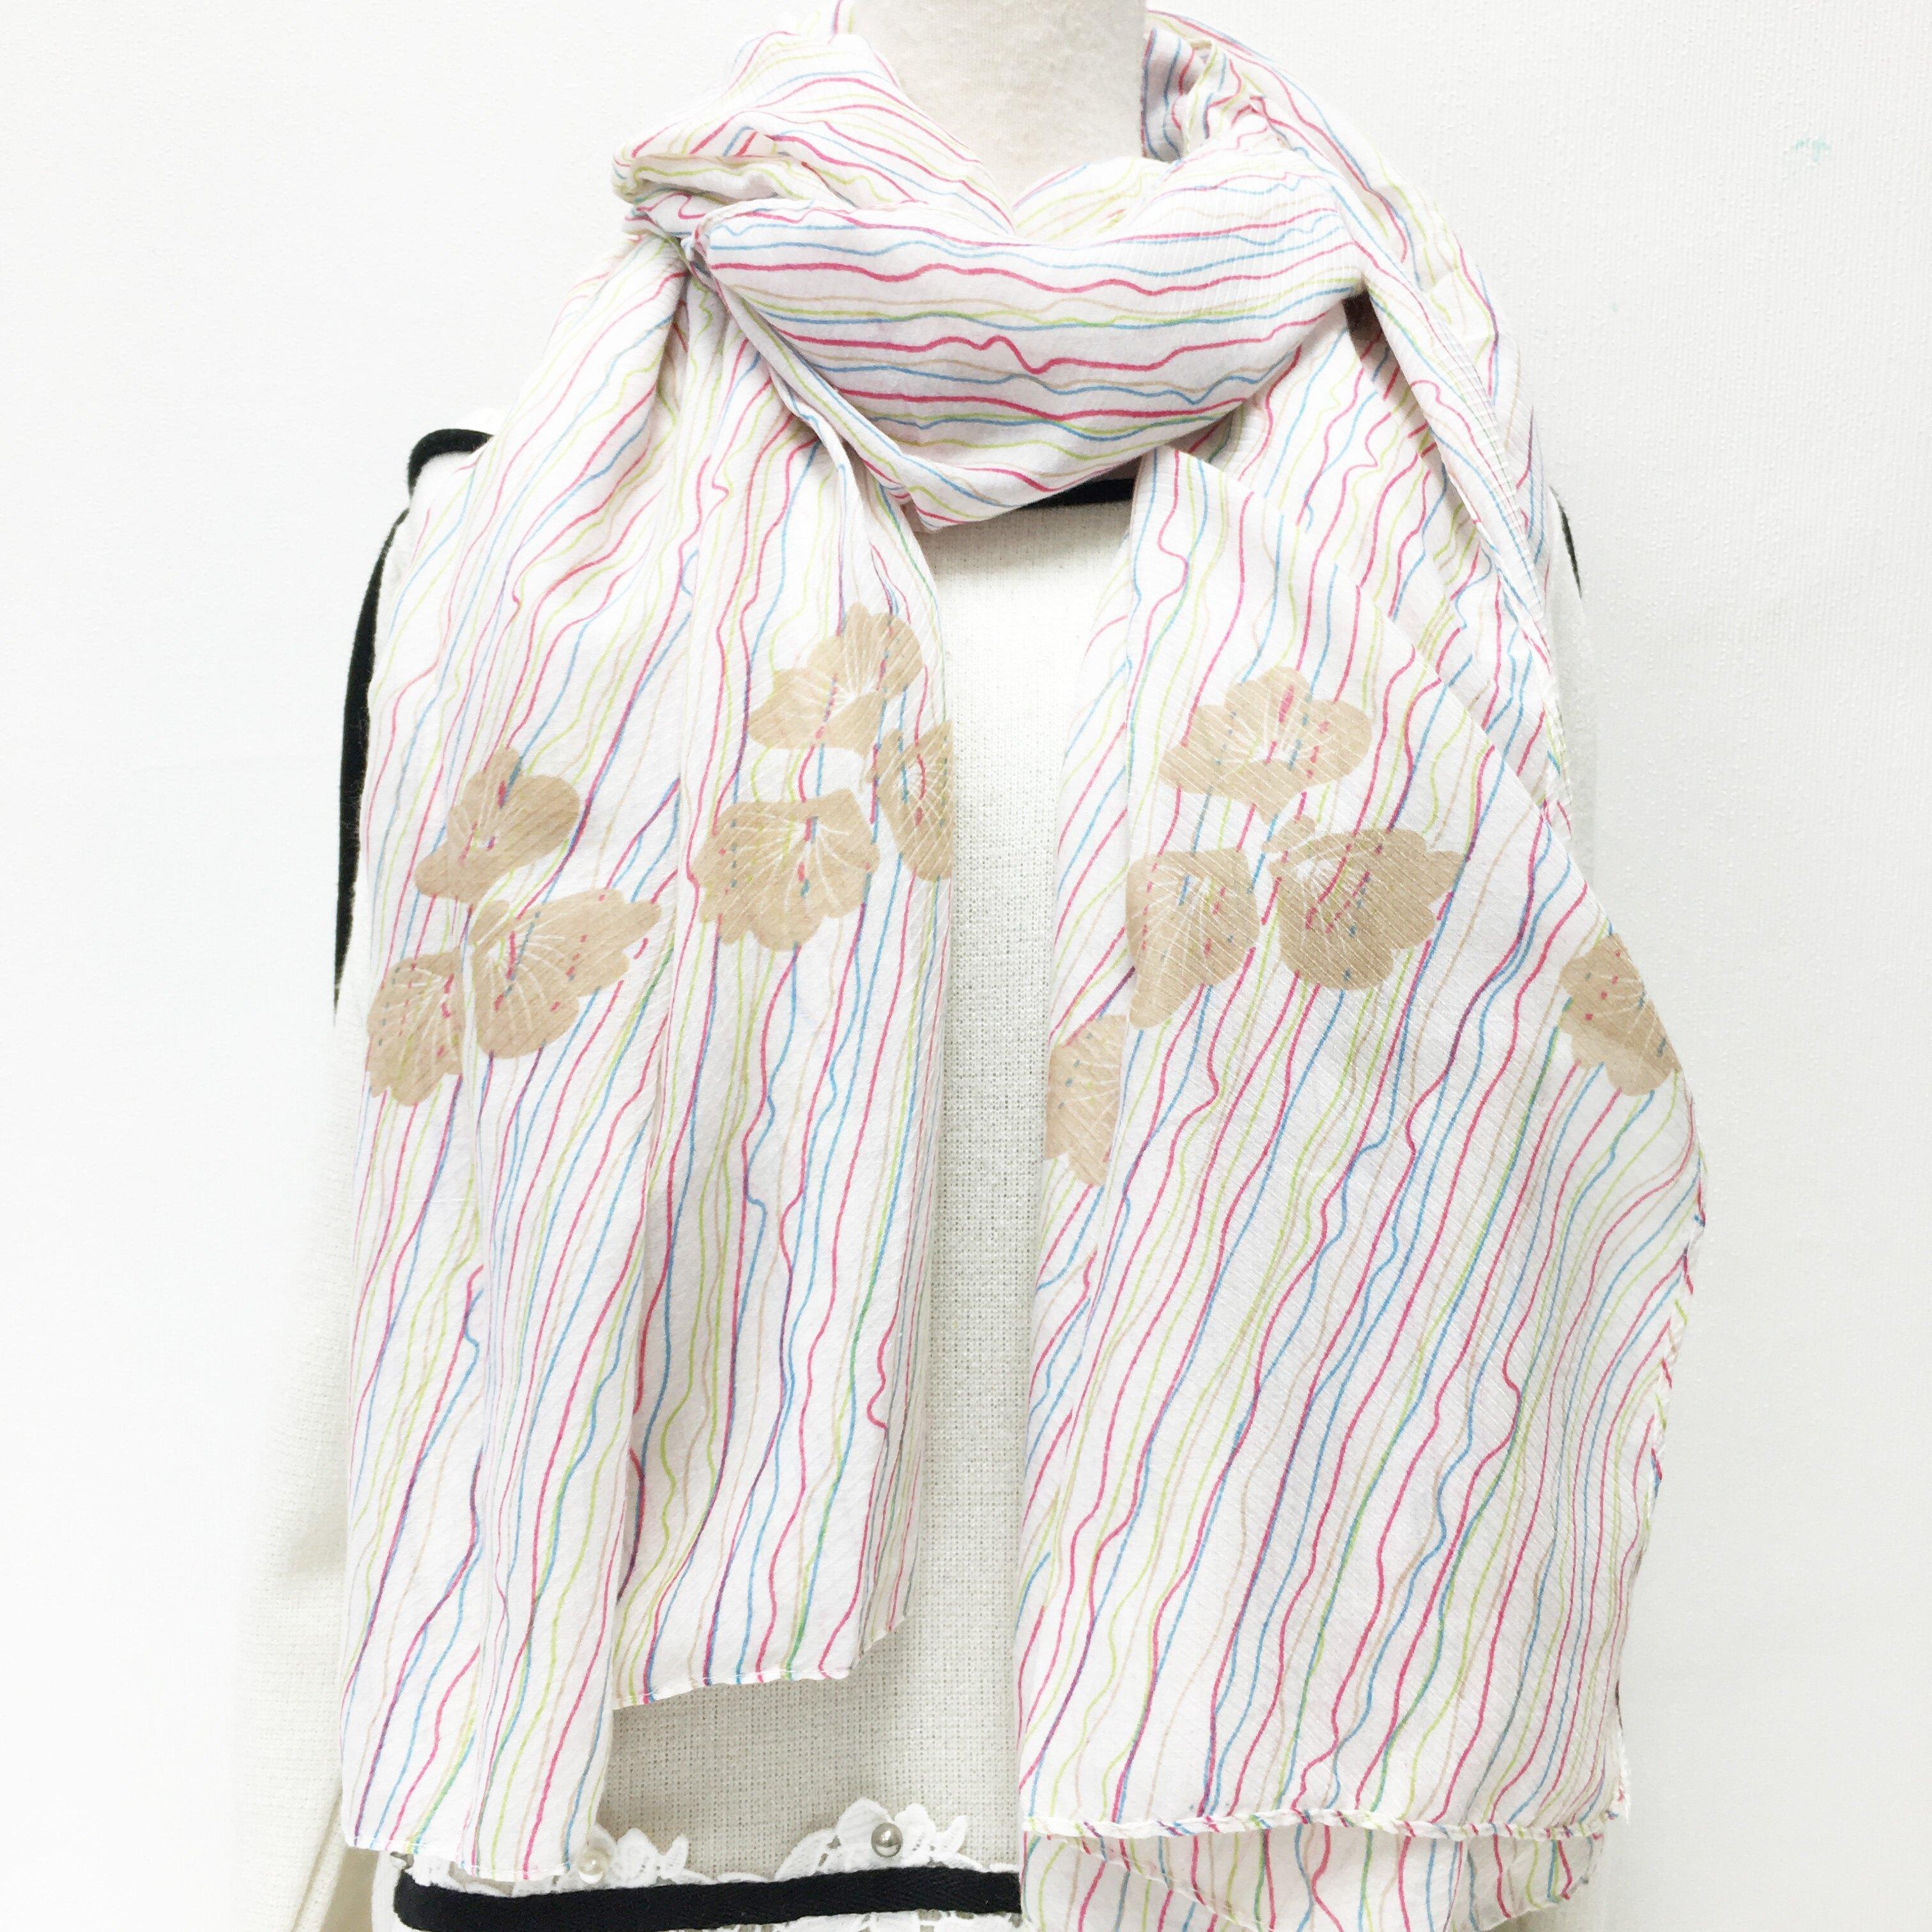 圍巾 條紋 彩色線條 親膚 披肩 薄圍巾 絲巾 秋冬